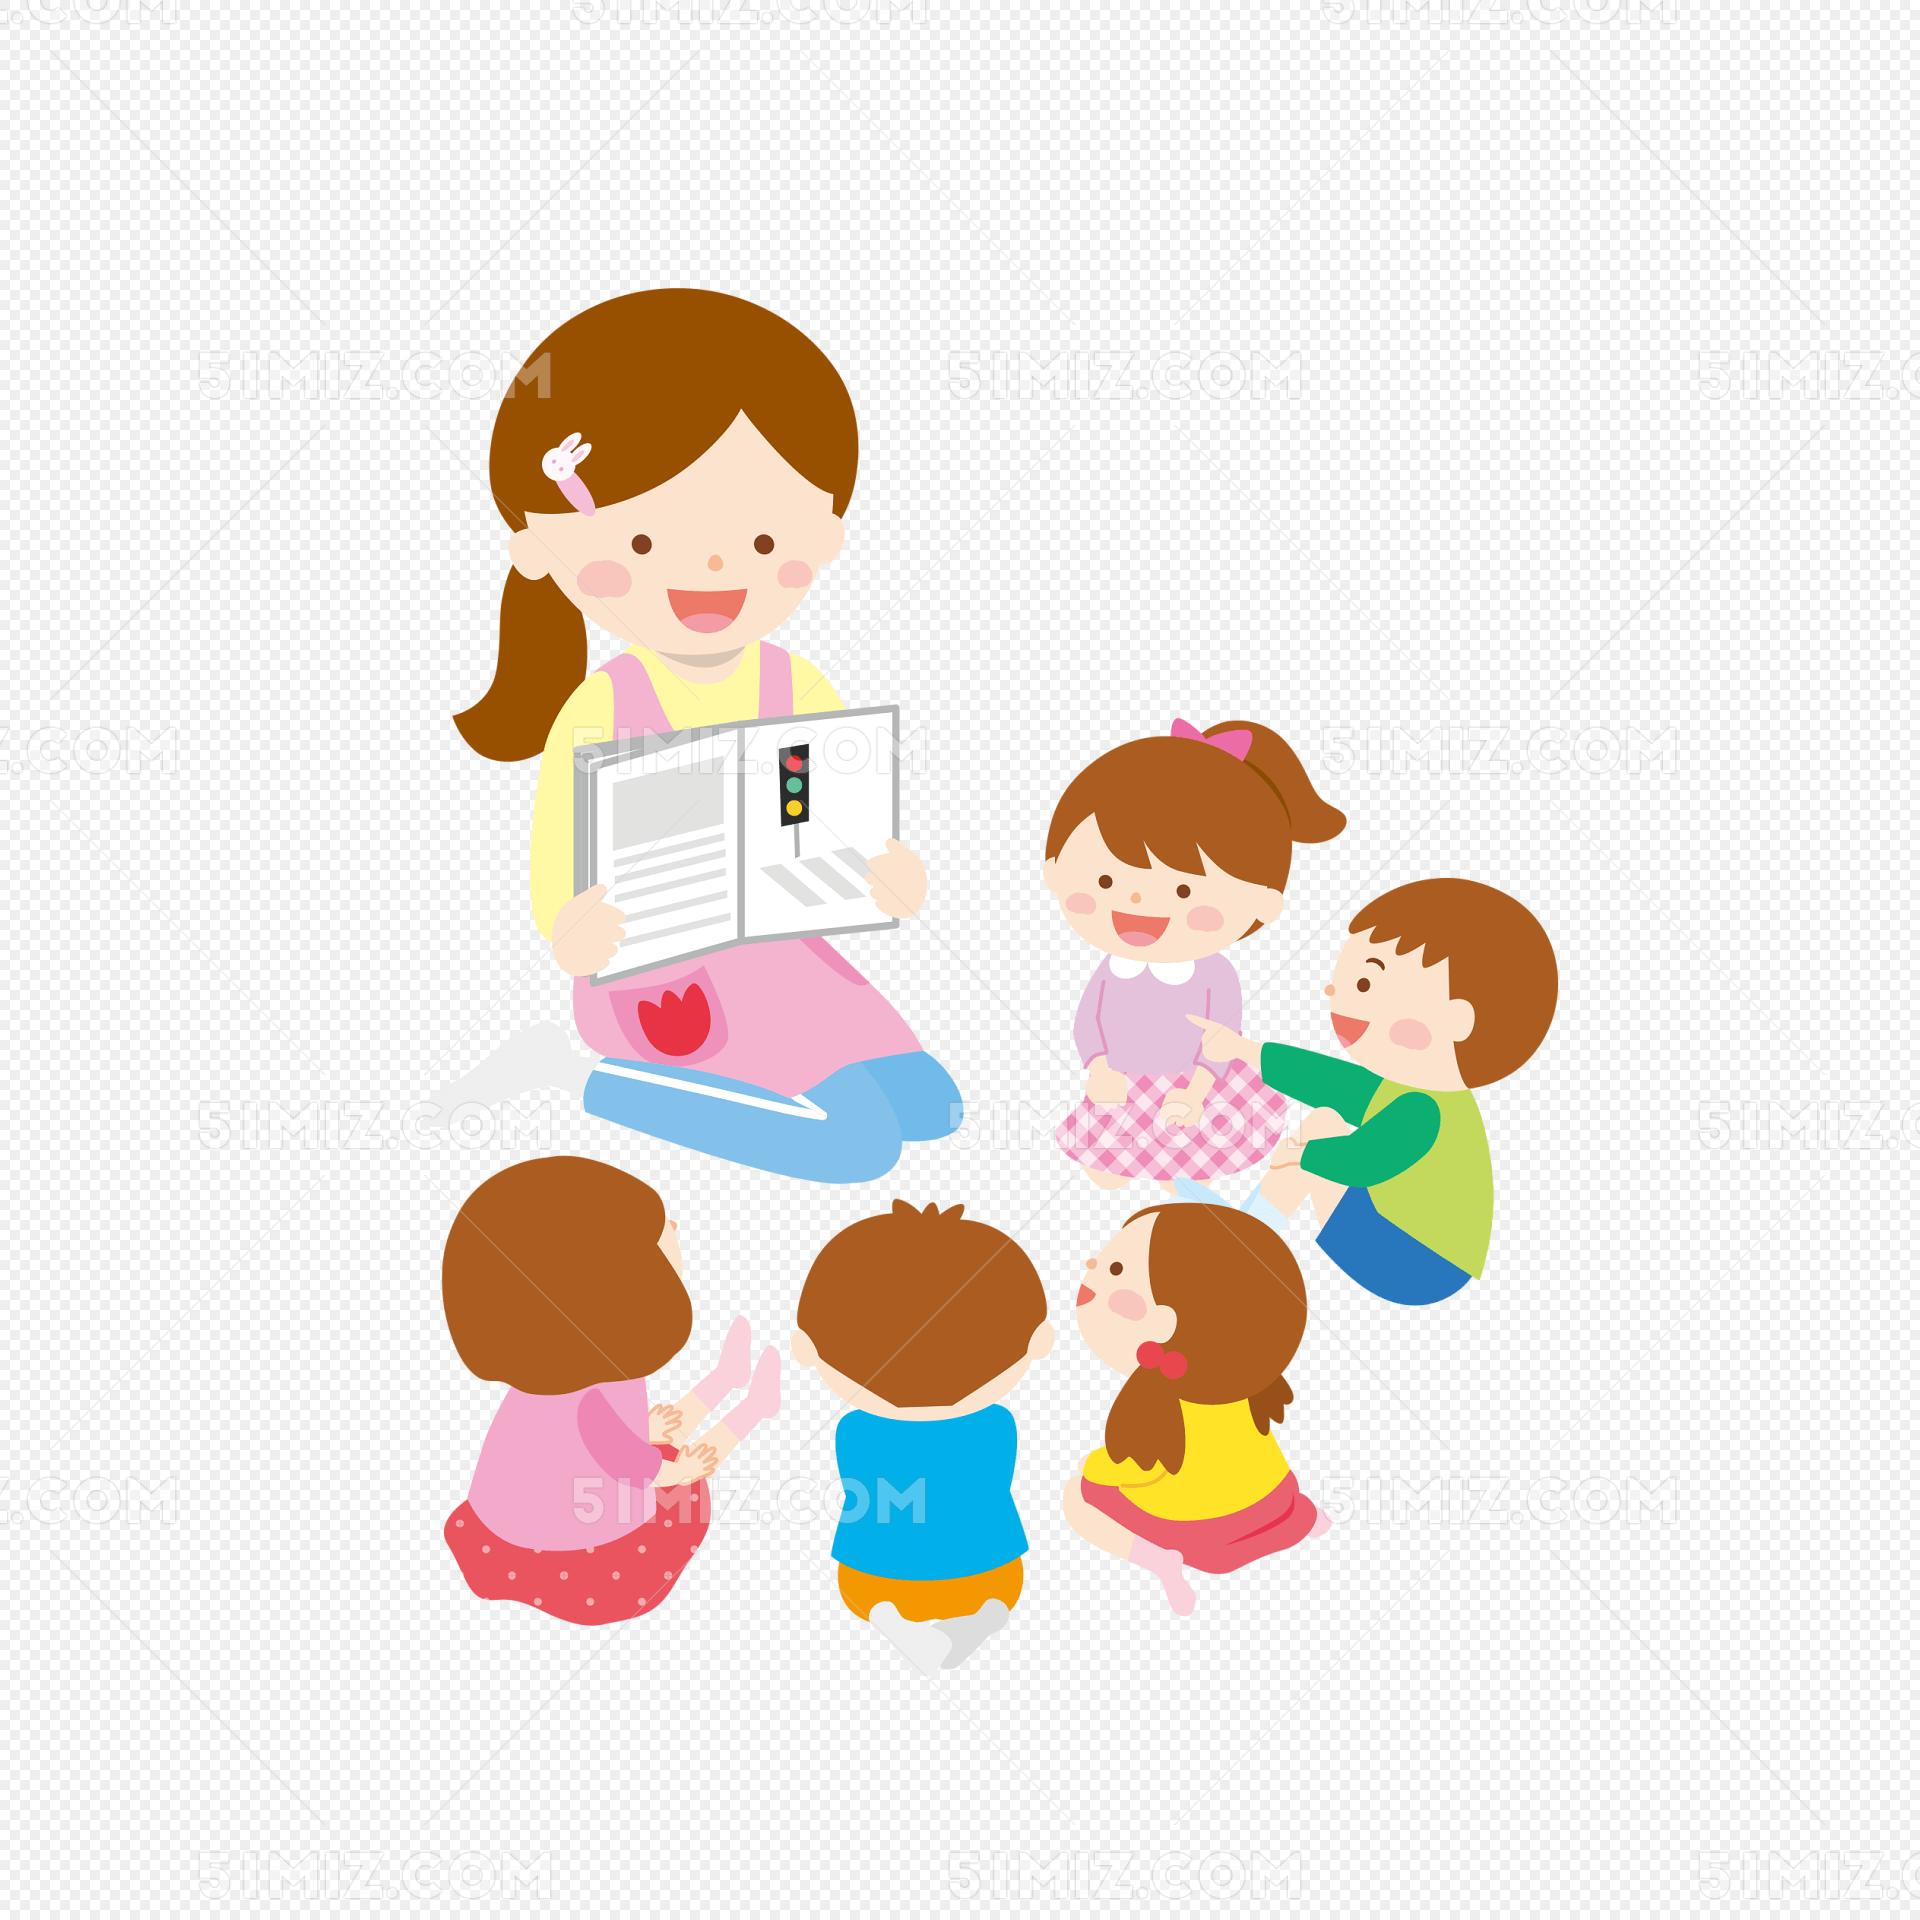 卡通幼师矢量图下载图片